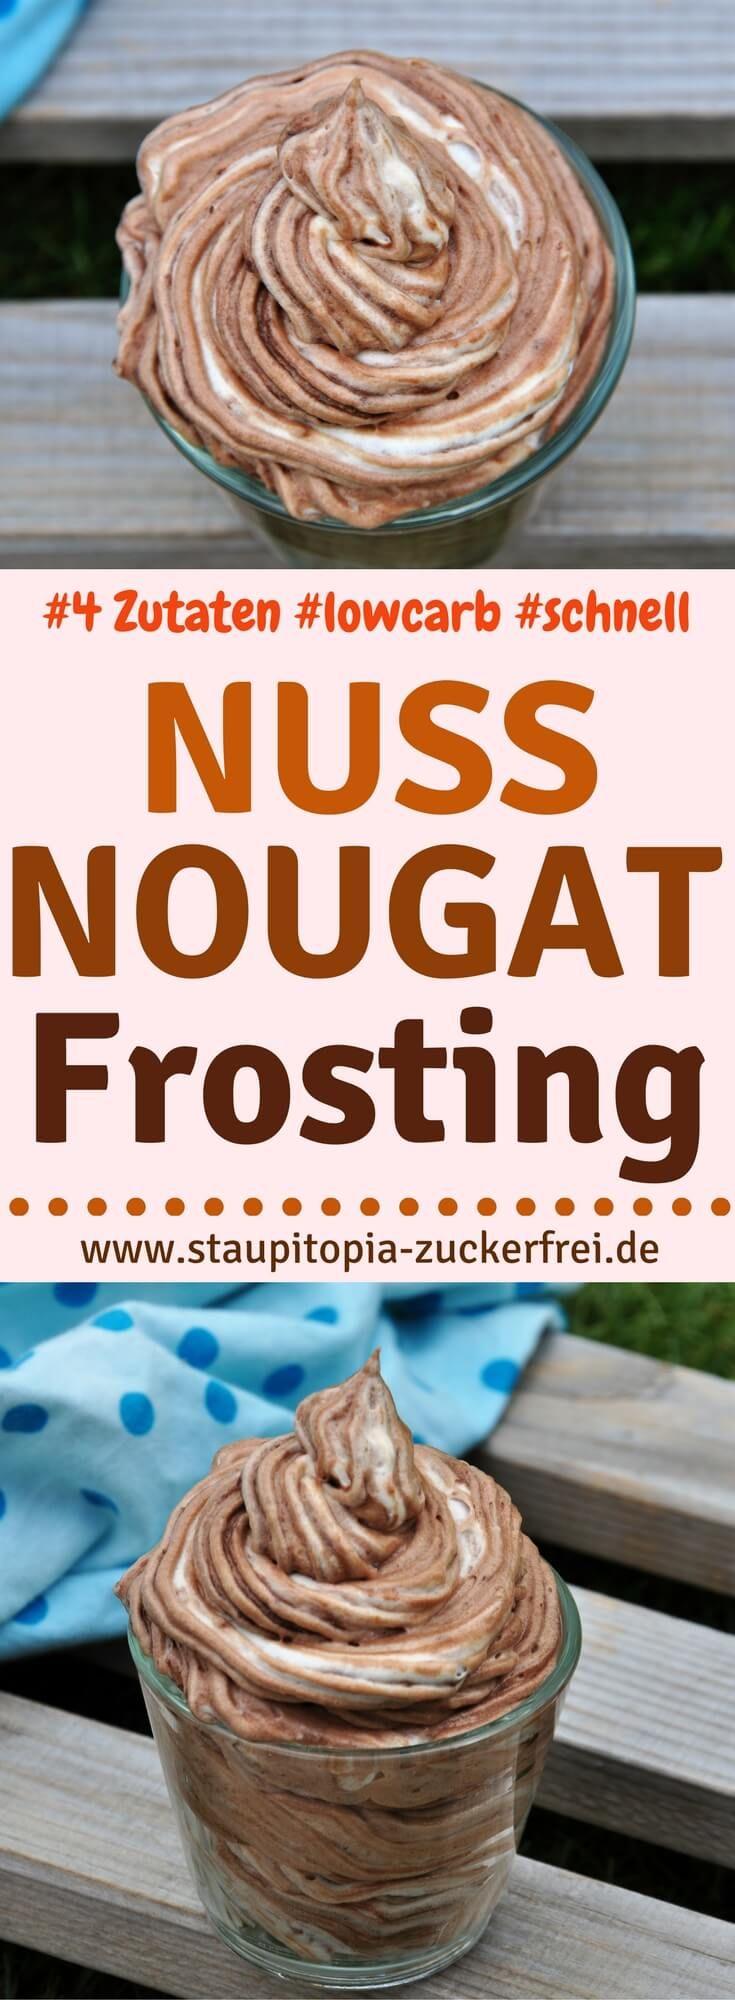 Nutella Fans aufgepasst: Wer Nutella mag, wird dieses Low Carb Nuss-Nougat Frosting Rezept lieben. Kombiniere das Nuss-Nougat Frosting mit einem Kuchenboden oder Muffins und mache somit leckere Torten oder Cupcakes ganz einfach selber.